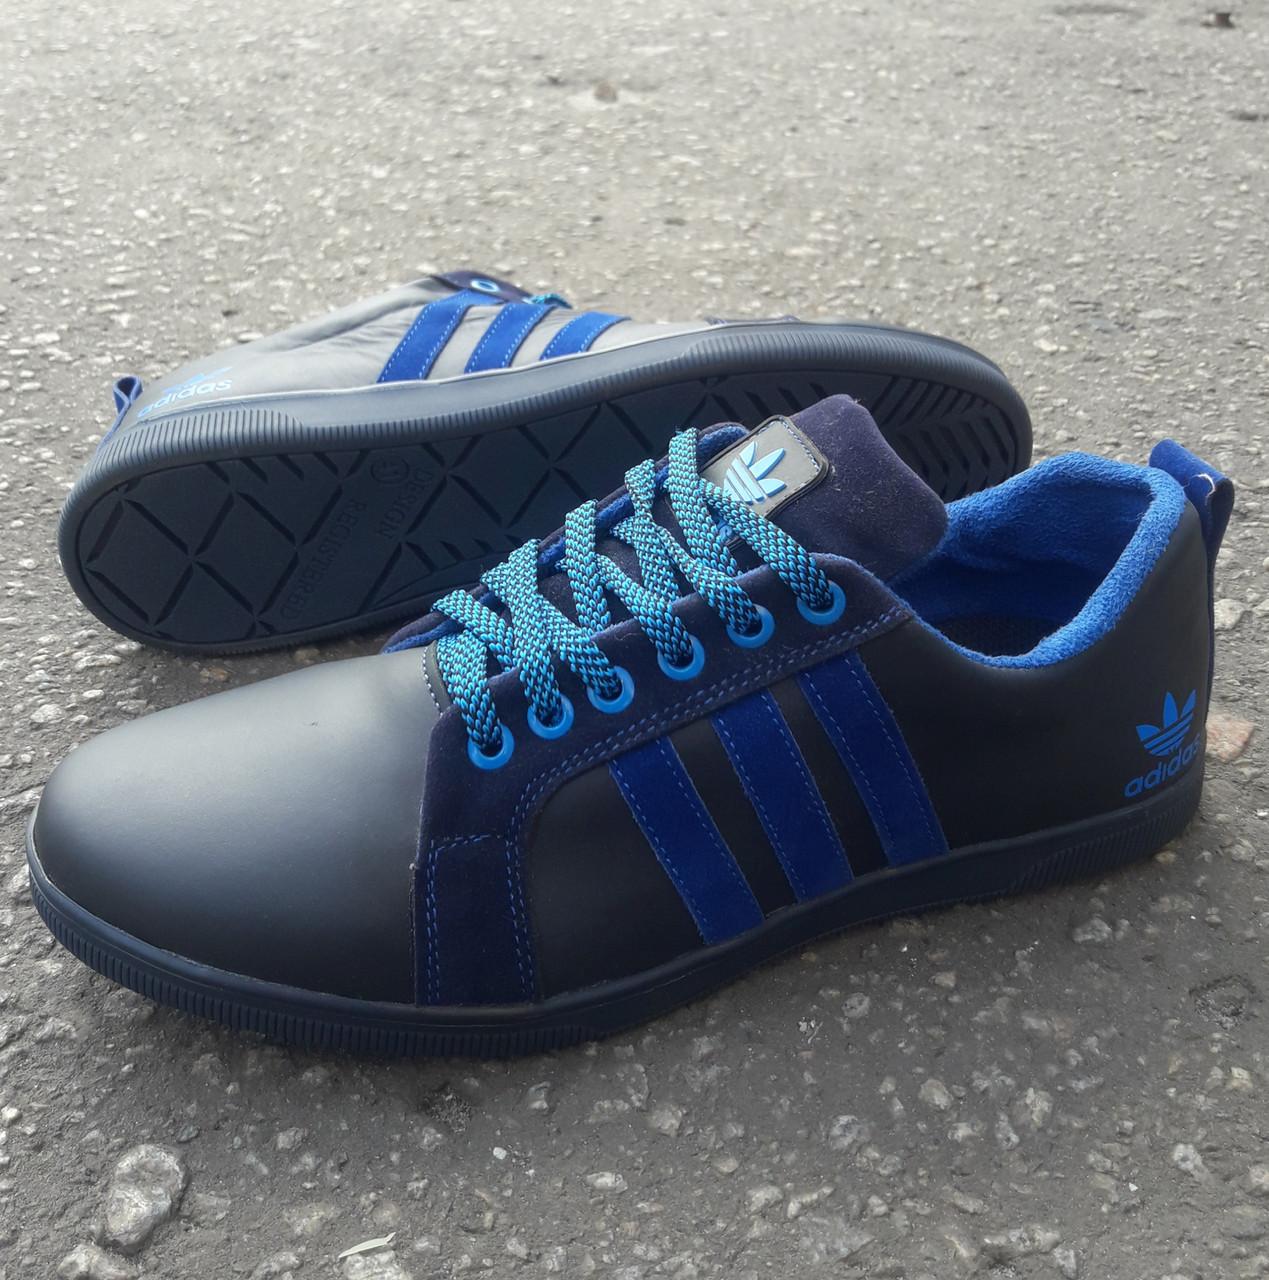 Кроссовки Adidas р.45 кожаные Харьков тёмно-синие